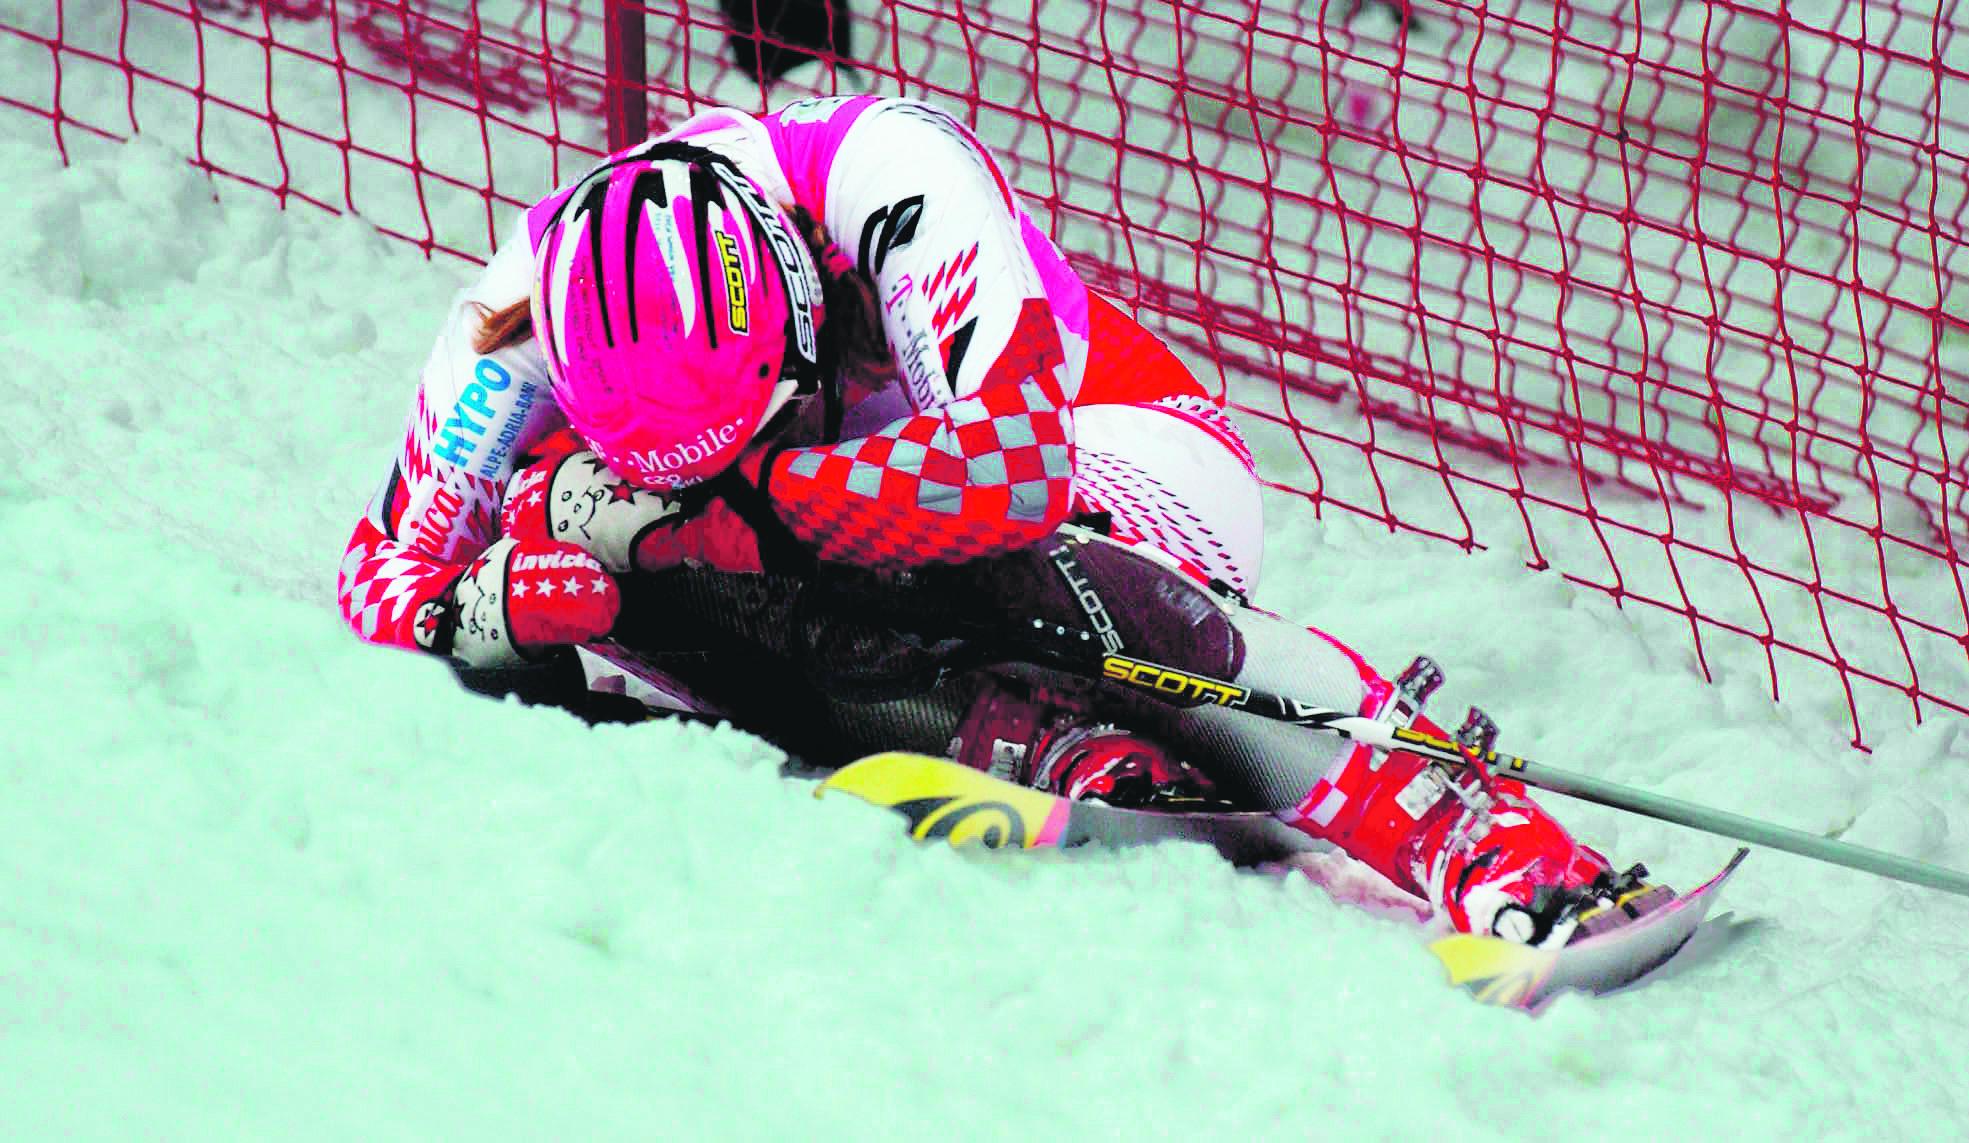 zagreb 20012005  janica kostelic sljeme zlatni medvjed slalom svjetski kupnakon odustajanja u utrci  foto: srdan vrancic  -spo-